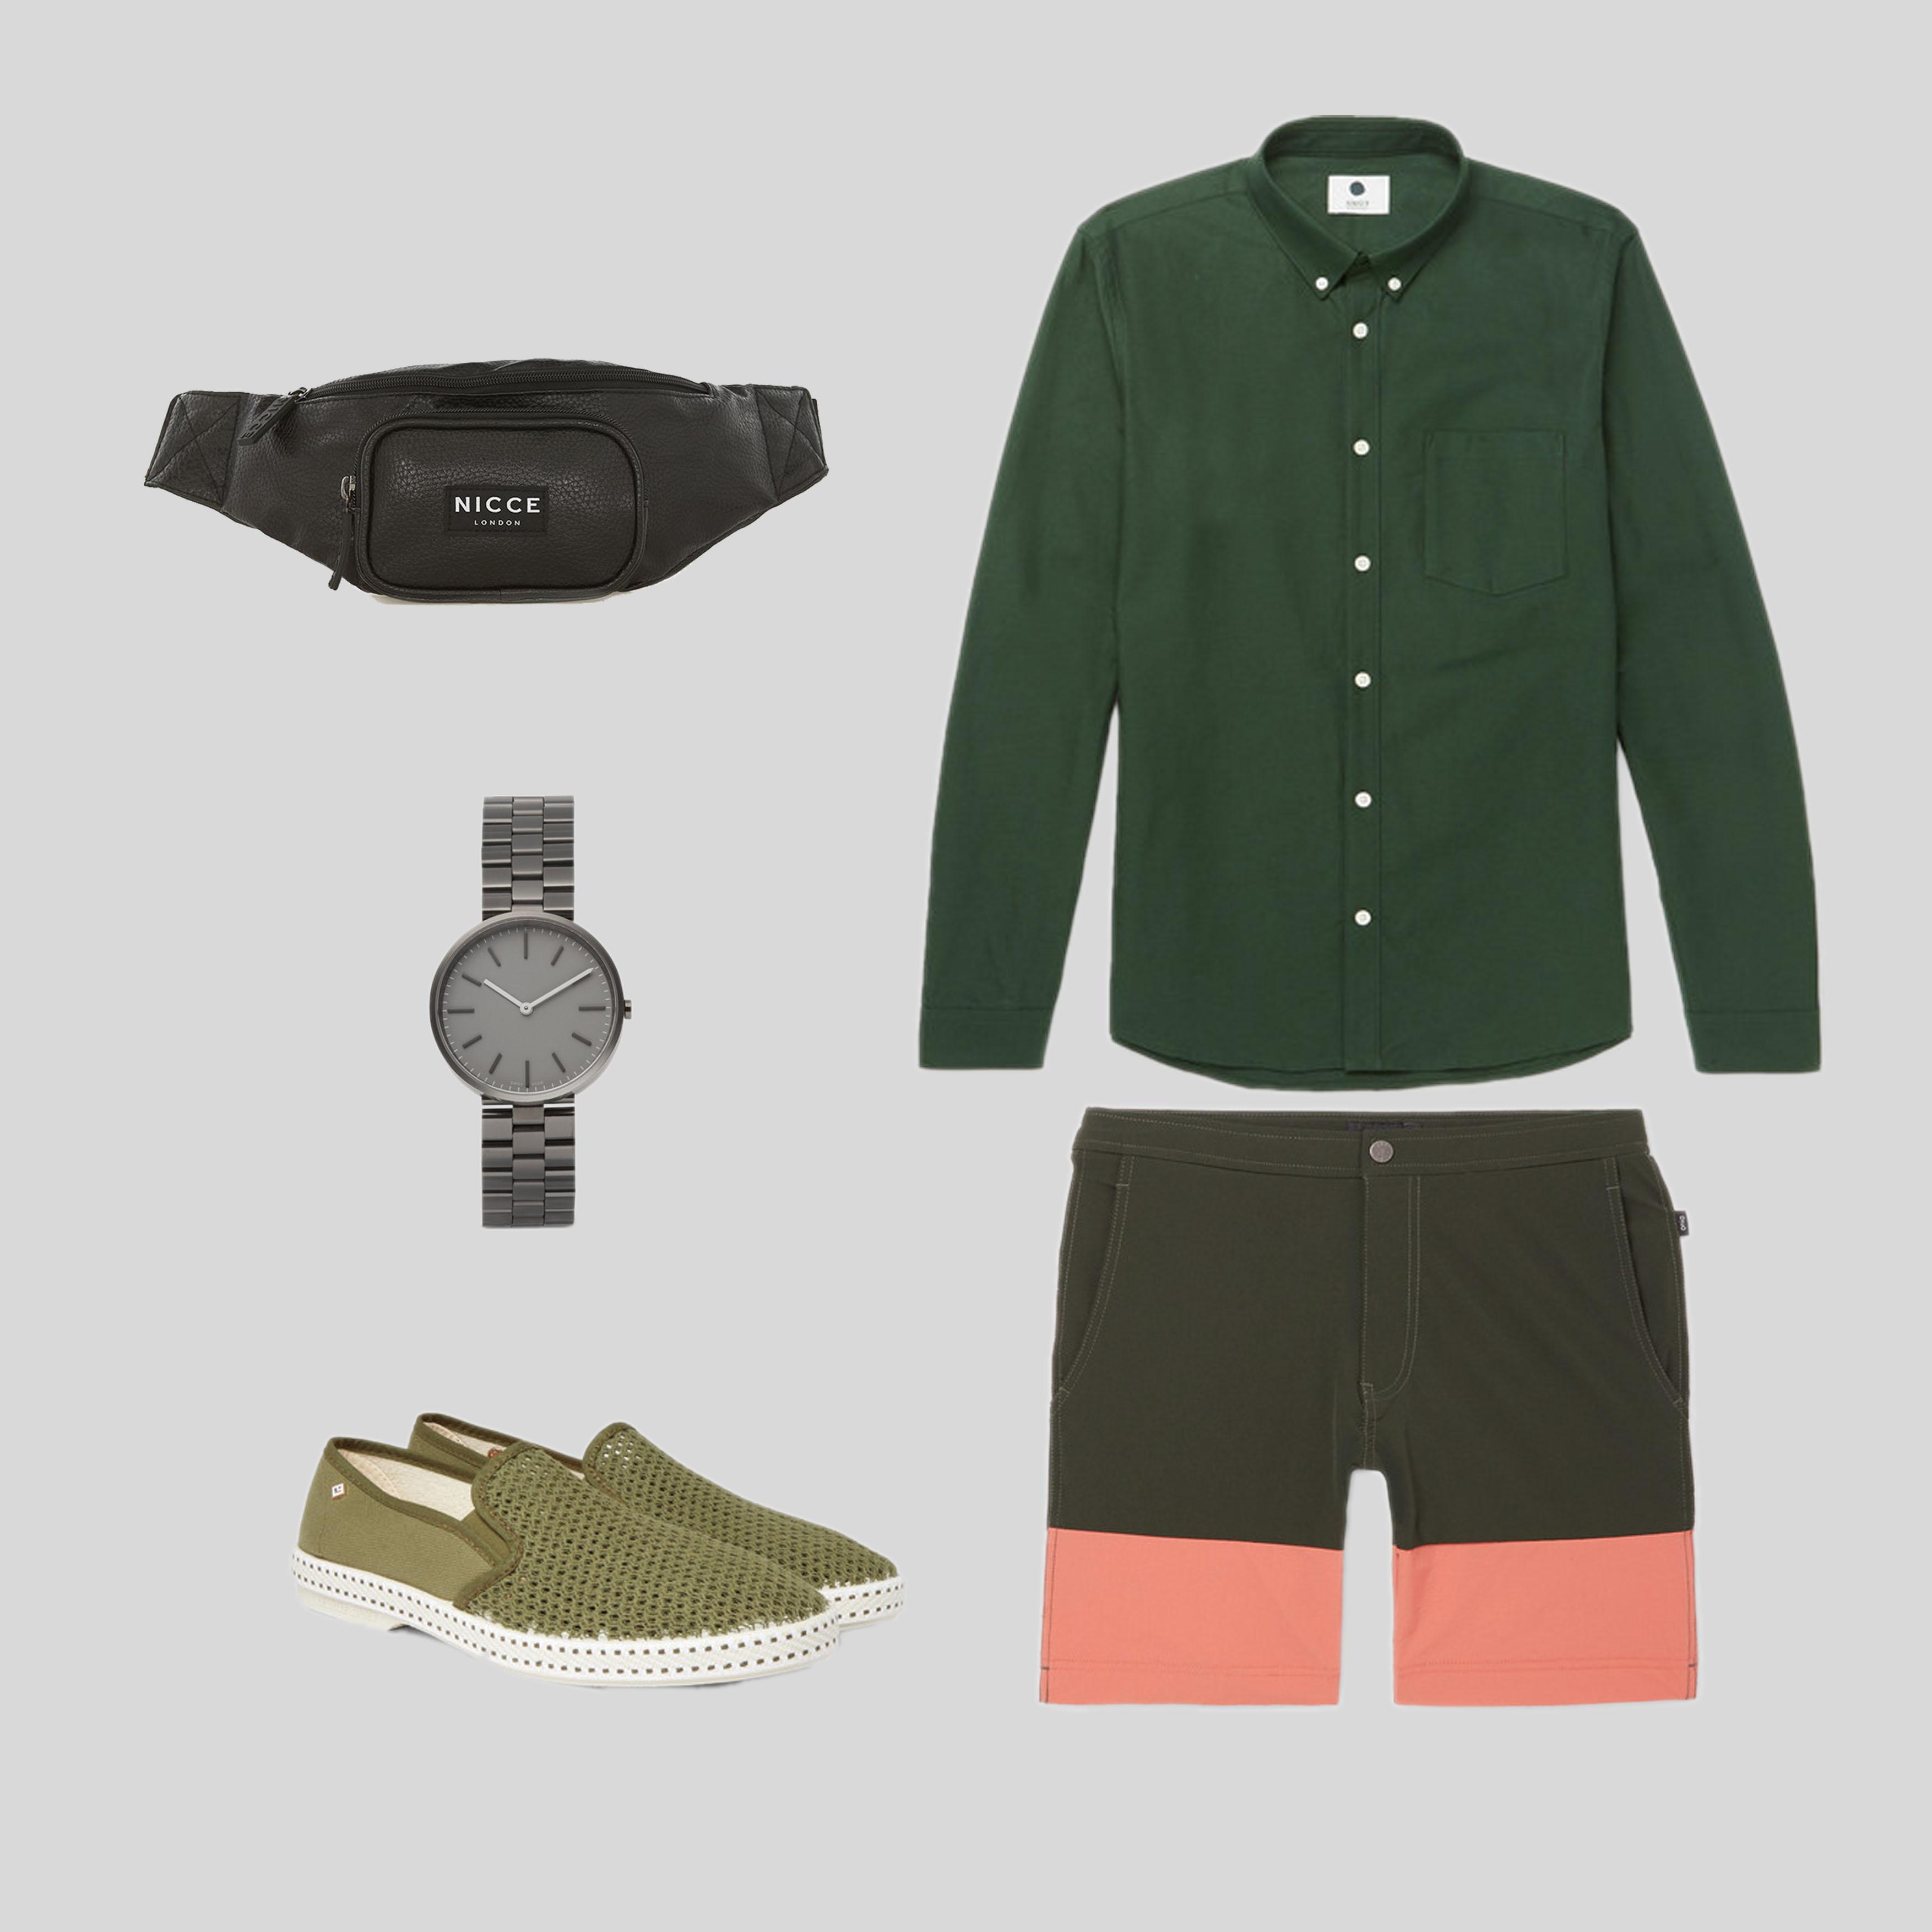 ELLE Man Style Calendar 'F5' phong cách với chiếc quần short đi biển. (3)